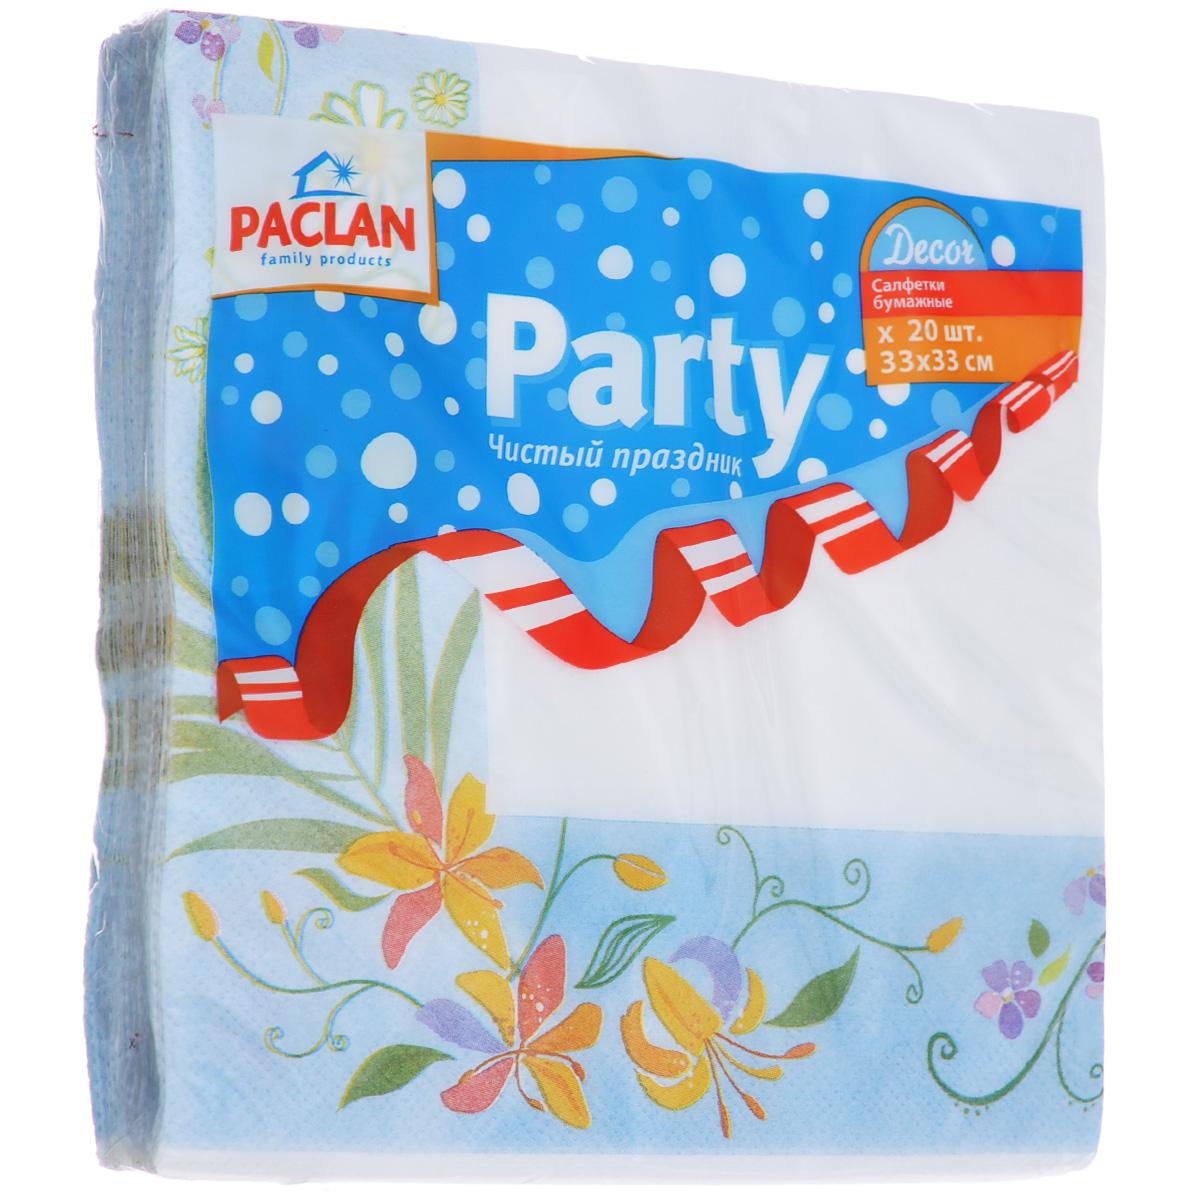 Салфетки бумажные Paclan Party. Decor, цвет: белый, голубой, трехслойные, 33 см х 33 см, 20 шт салфетки pol mak детский мотив трехслойные 33 х 33 см 20 шт